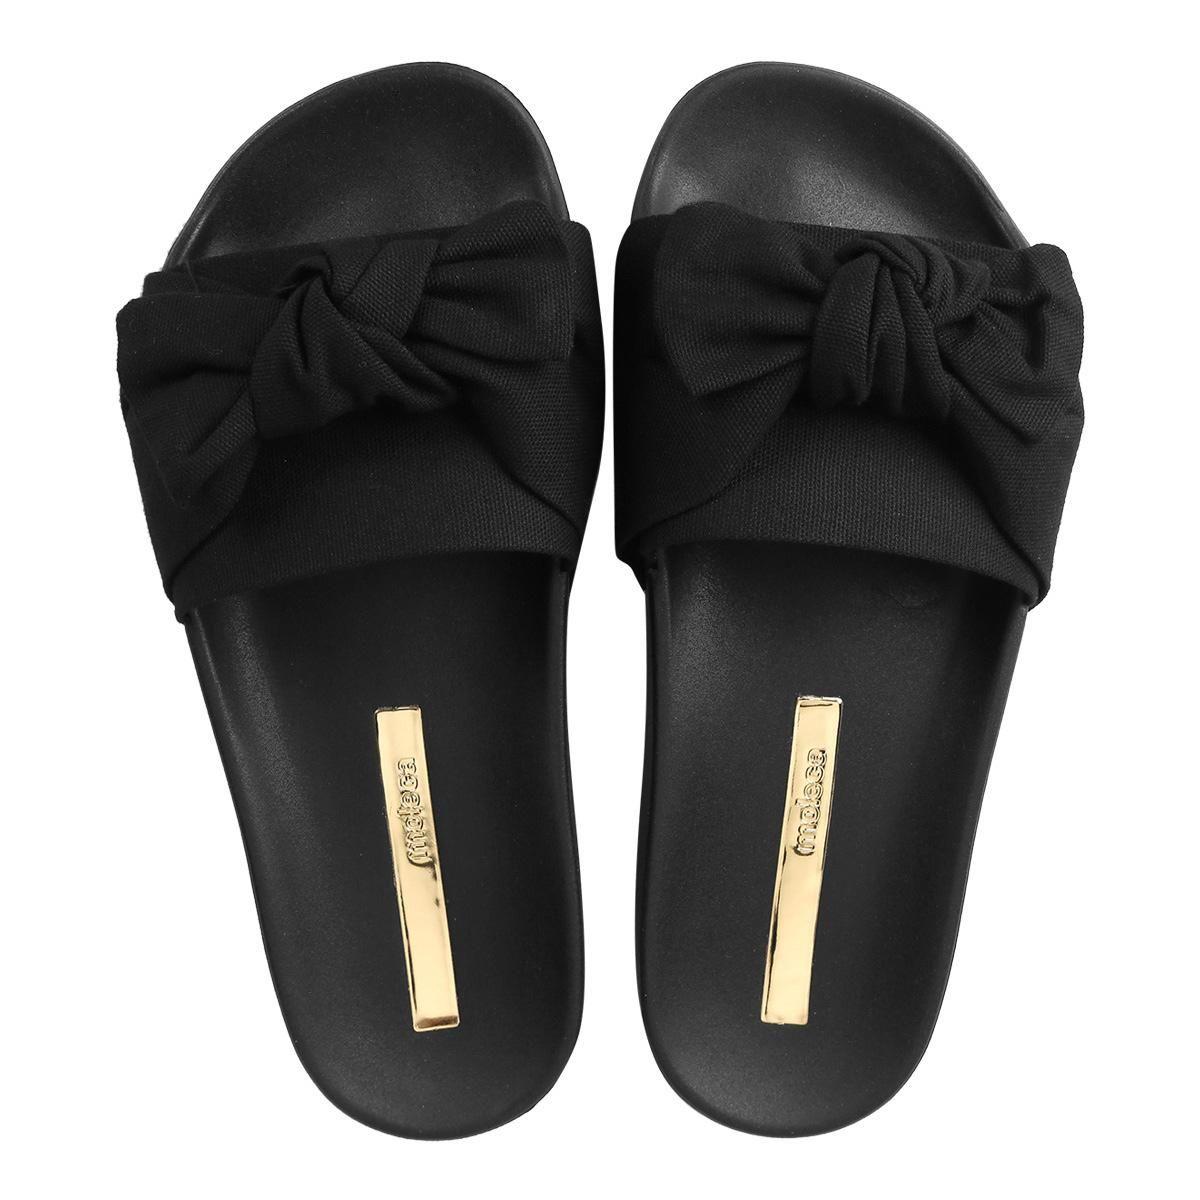 bba84f3a981ce Chinelo Moleca Slide Laço Feminino - Compre Agora   Netshoes   mimos ...